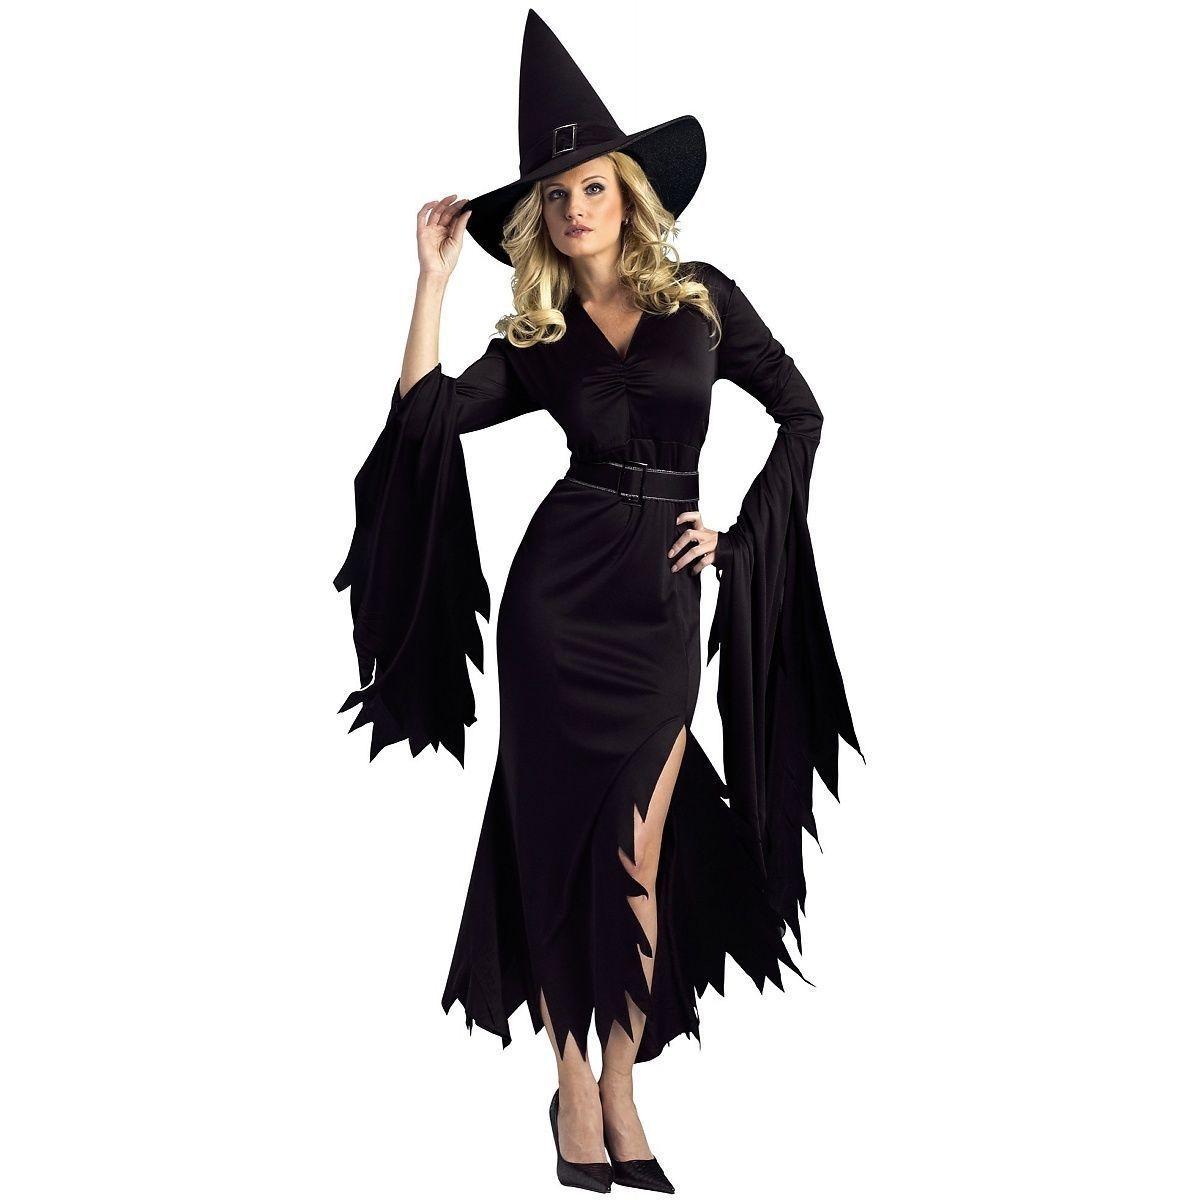 Top 10 Fancy Dress Ideas for Women | Witch dress, Fancy and Dress ...